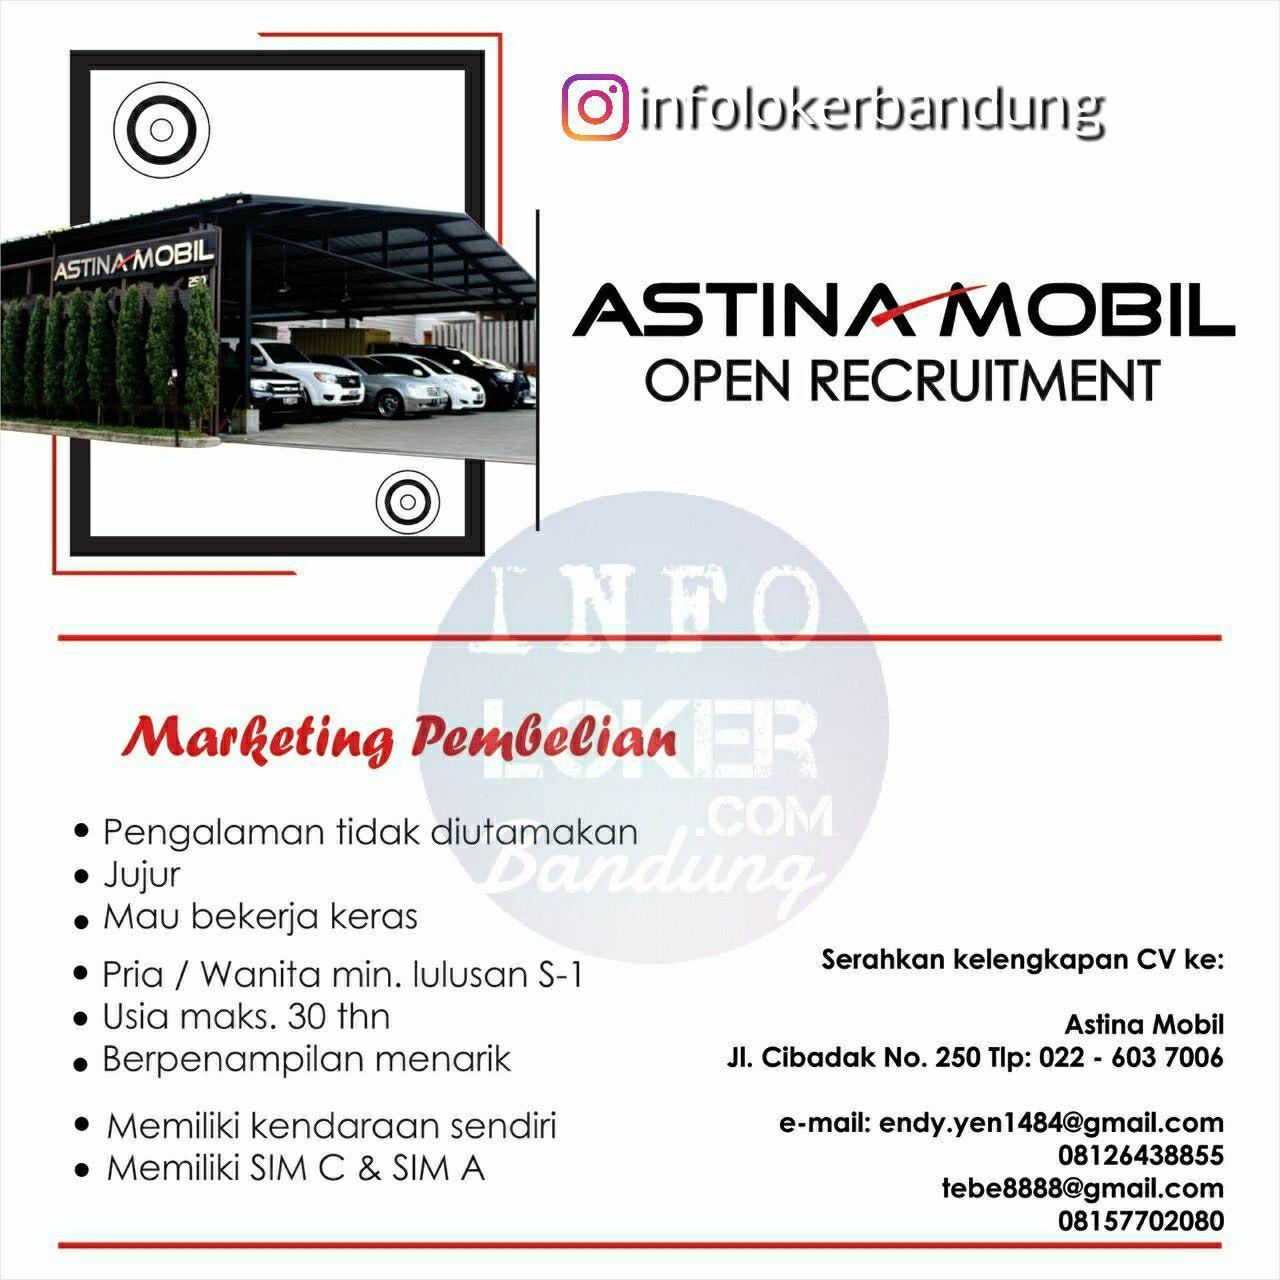 Lowongan Kerja Astina Mobil Bandung Mei 2018